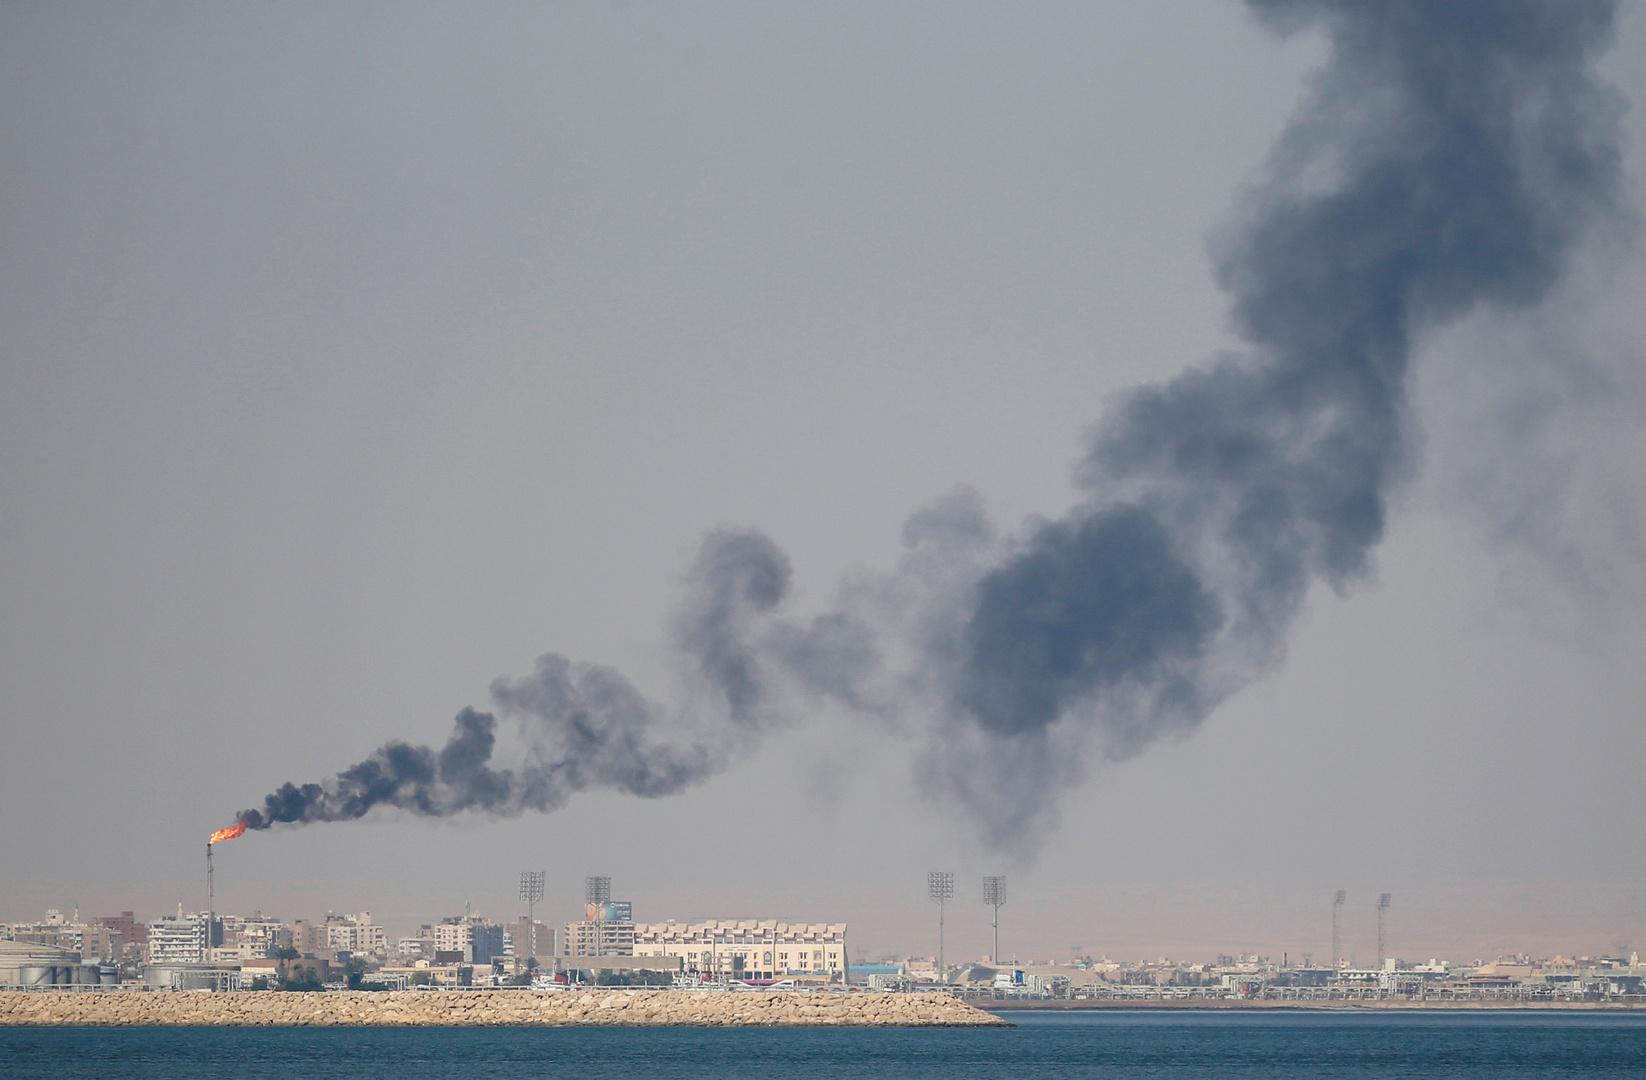 منظمة الدول المصدرة للنفط ترصد عدد اكتشافات البترول والغاز في مصر عام 2019